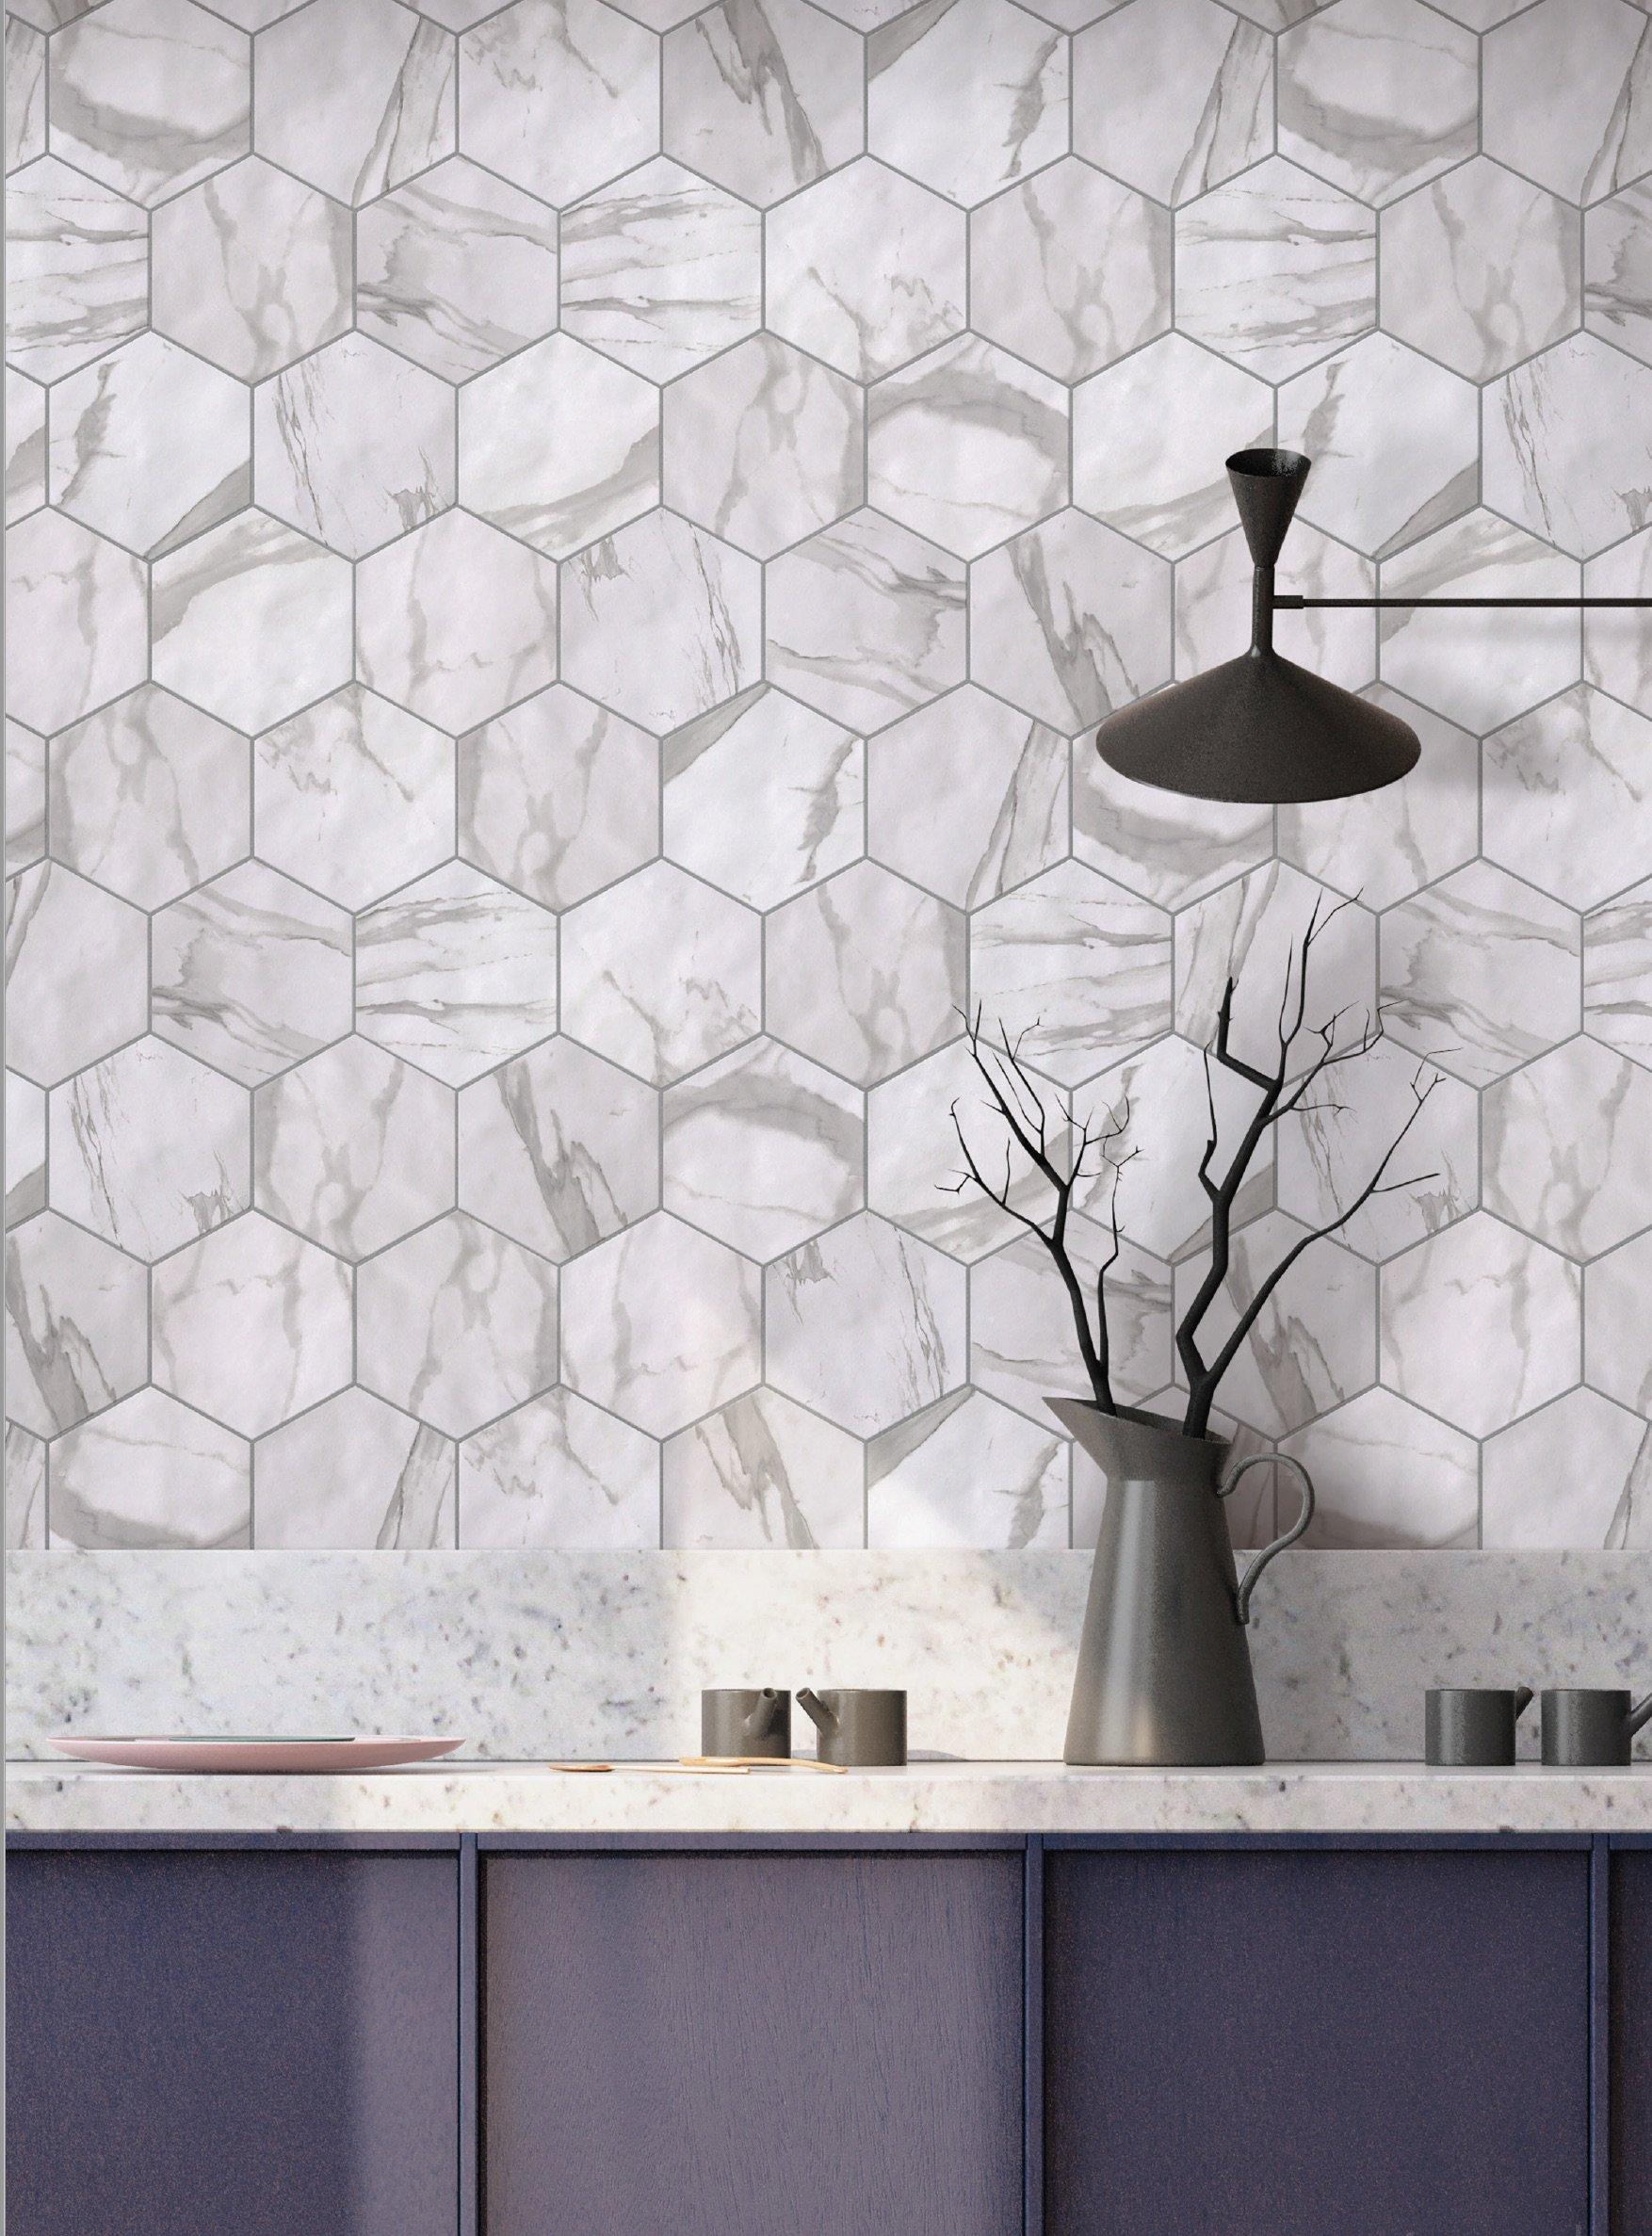 GIO Marmi_Trend, Statuary Hex Field Tile